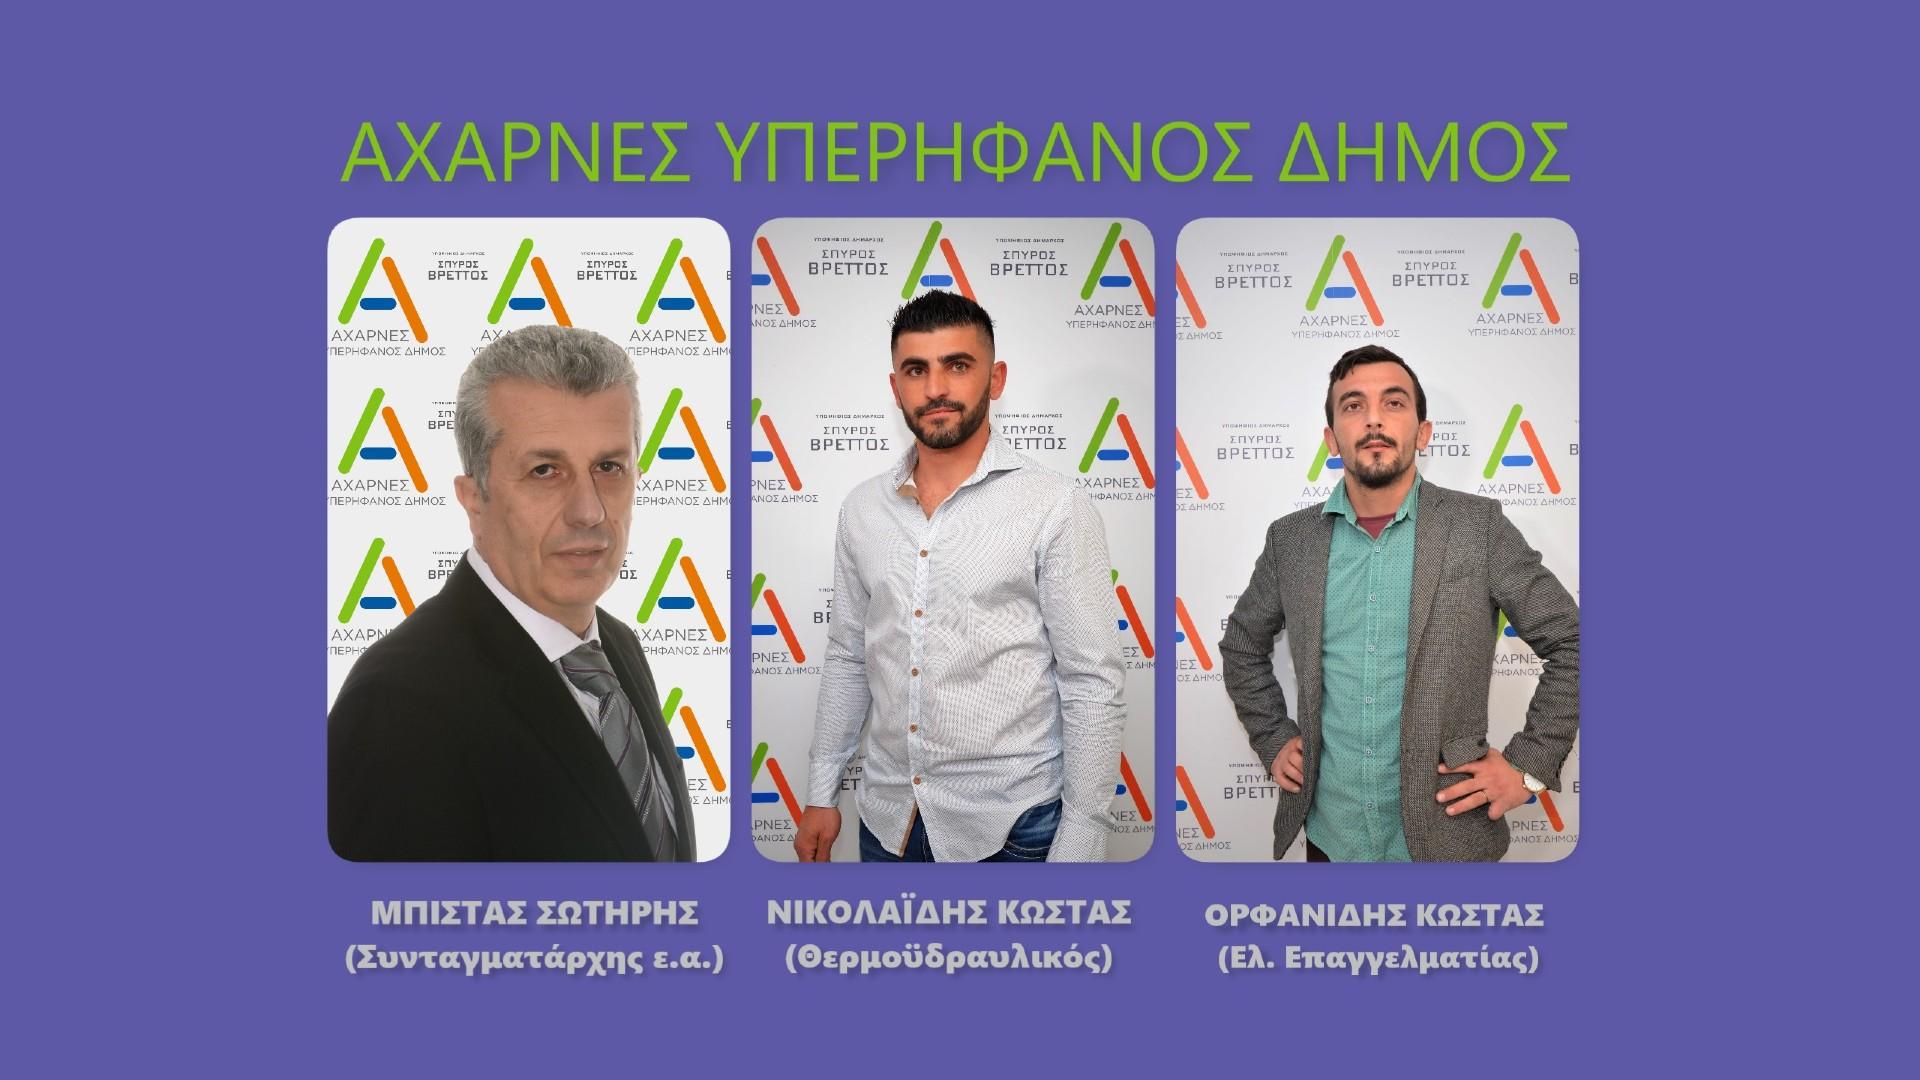 Τρεις νέες υποψηφιότητες από το συνδυασμό του  Σπύρου Βρεττού «Αχαρνές Υπερήφανος Δήμος»